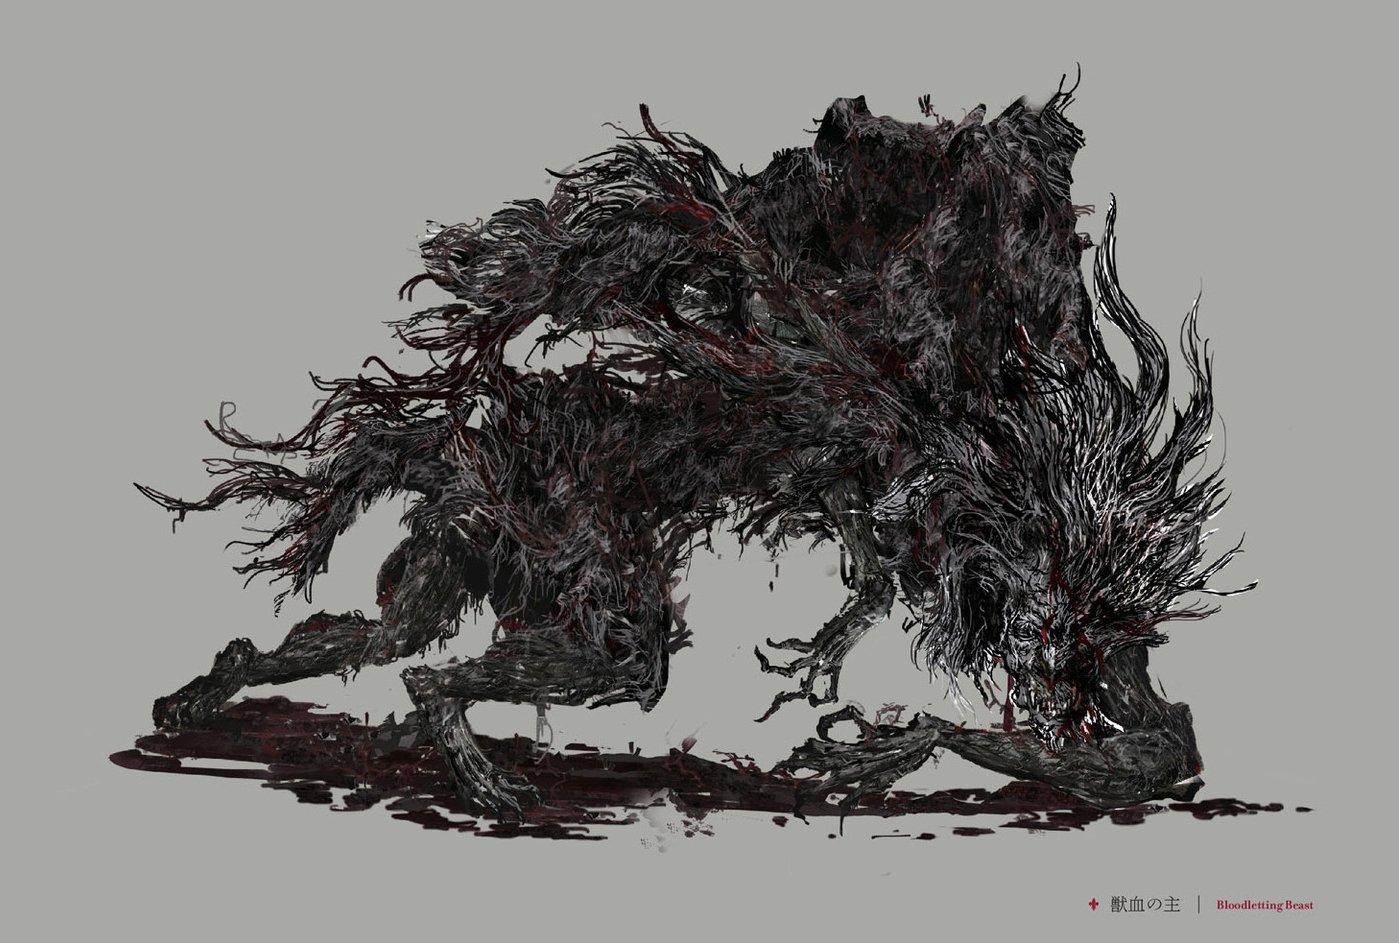 bloodletting beast bloodborne wiki. Black Bedroom Furniture Sets. Home Design Ideas